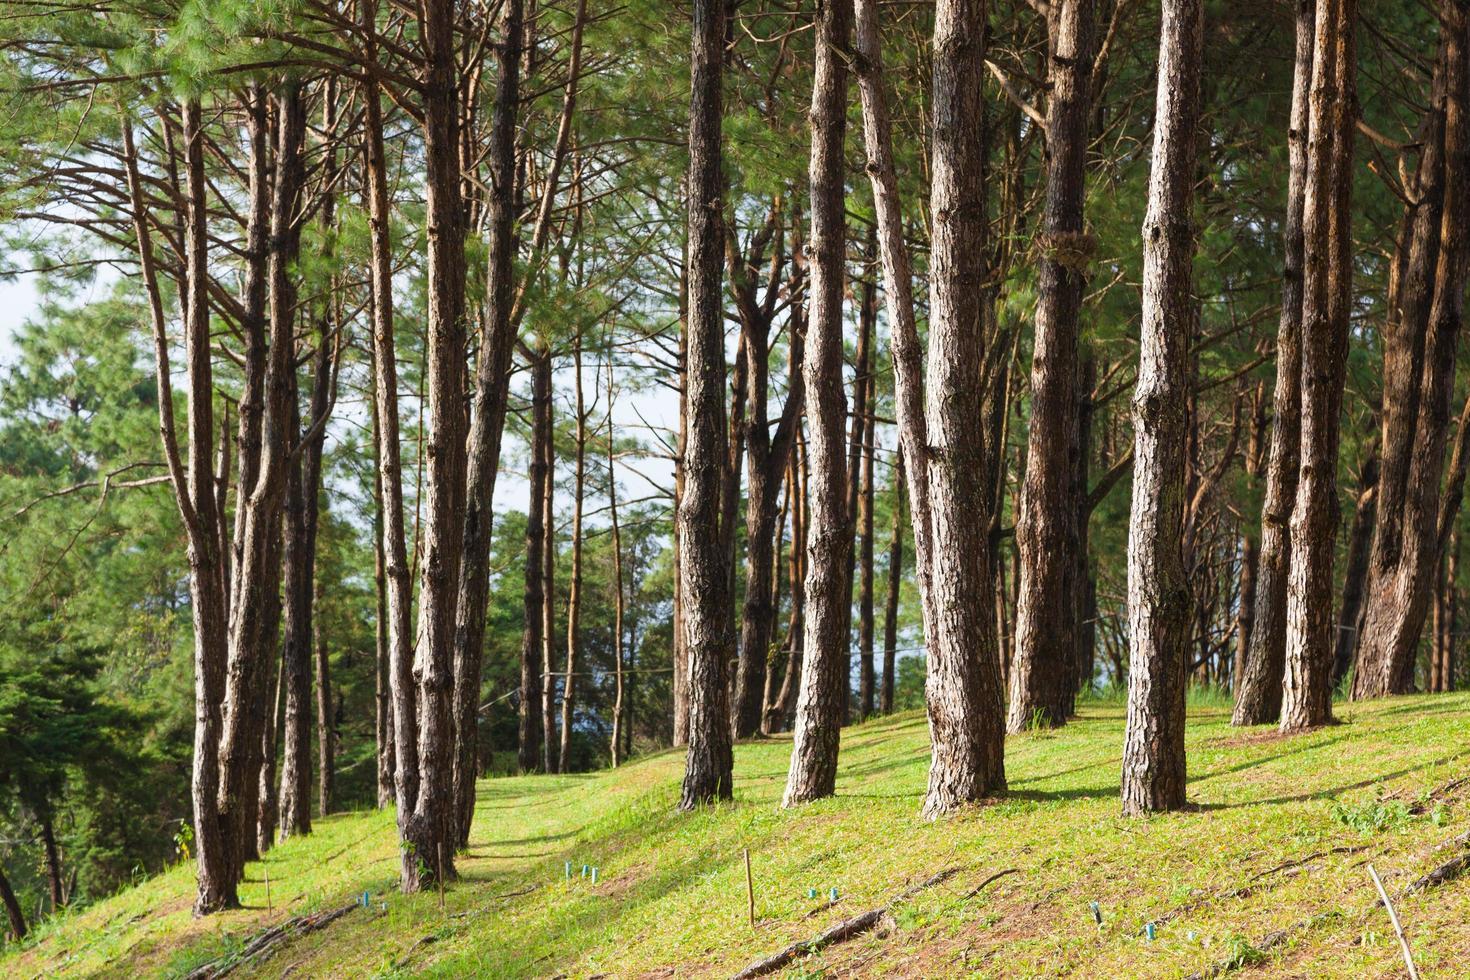 pino que crece en el césped en una colina en el parque foto